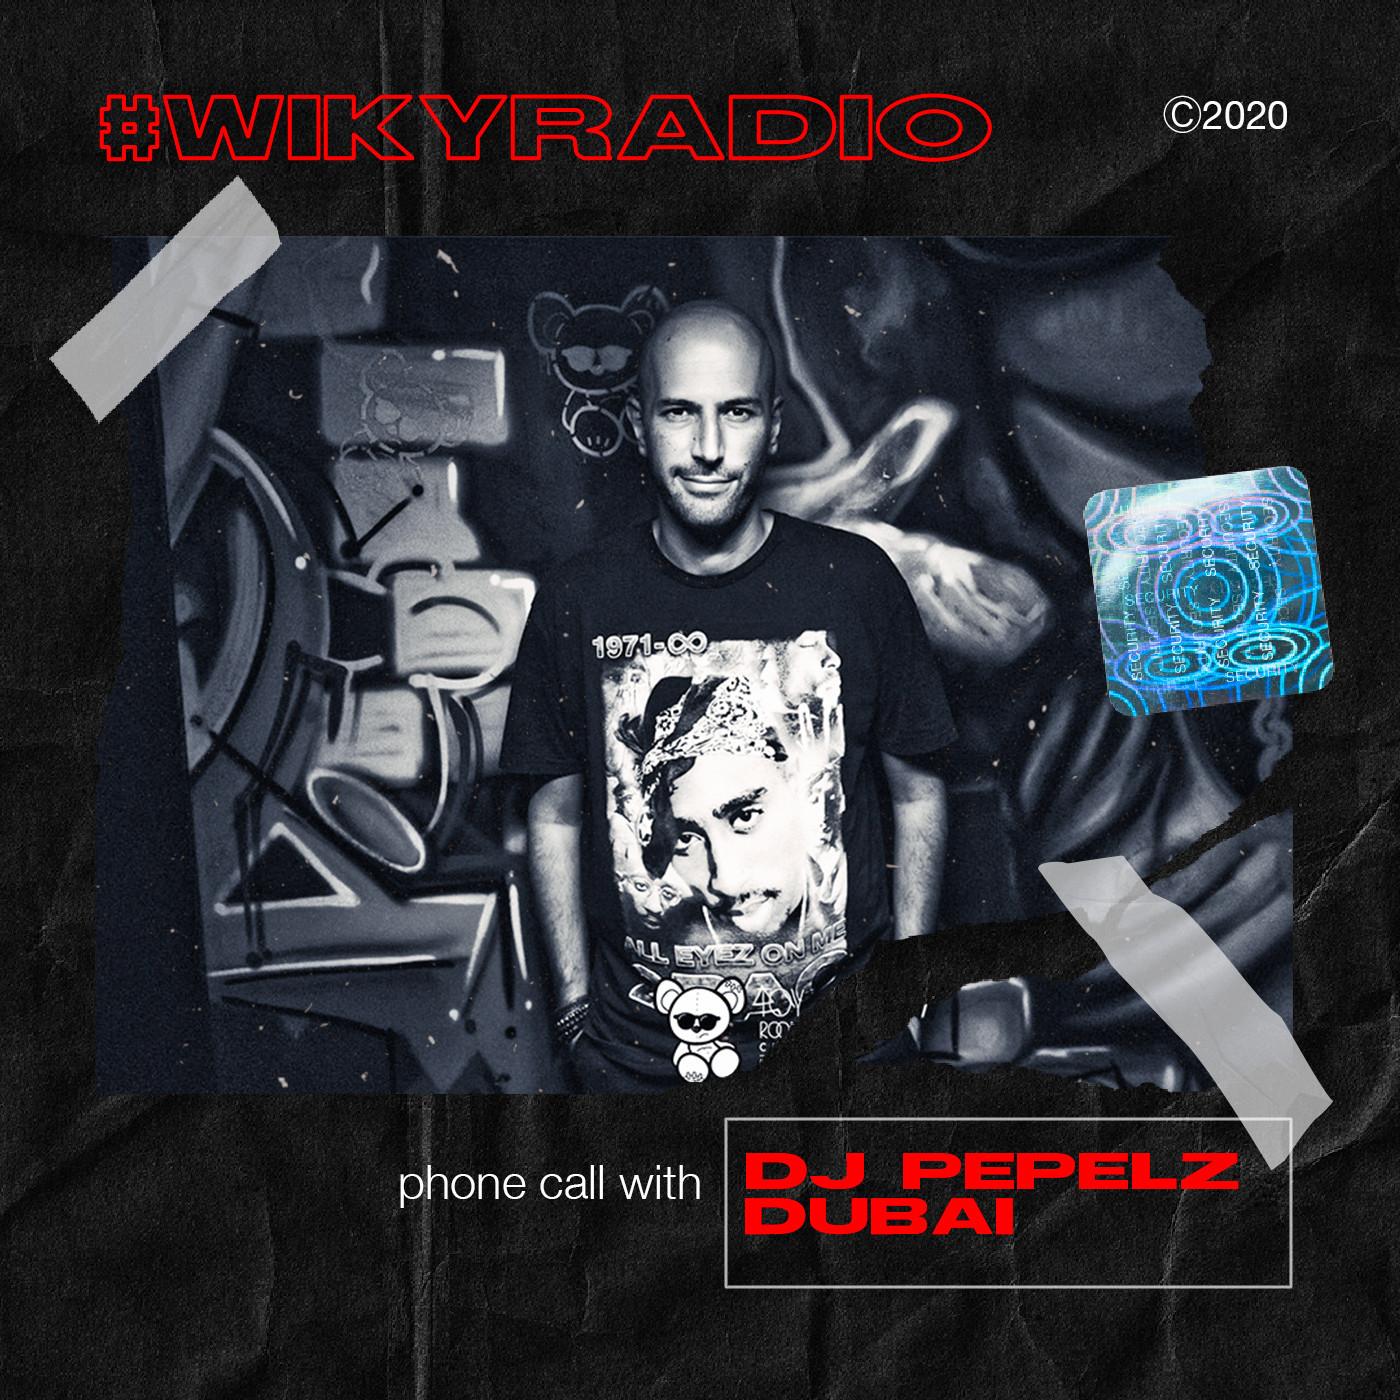 WIKY RADIO - PHONE CALL WITH DJ PEPELZ (DUBAI)